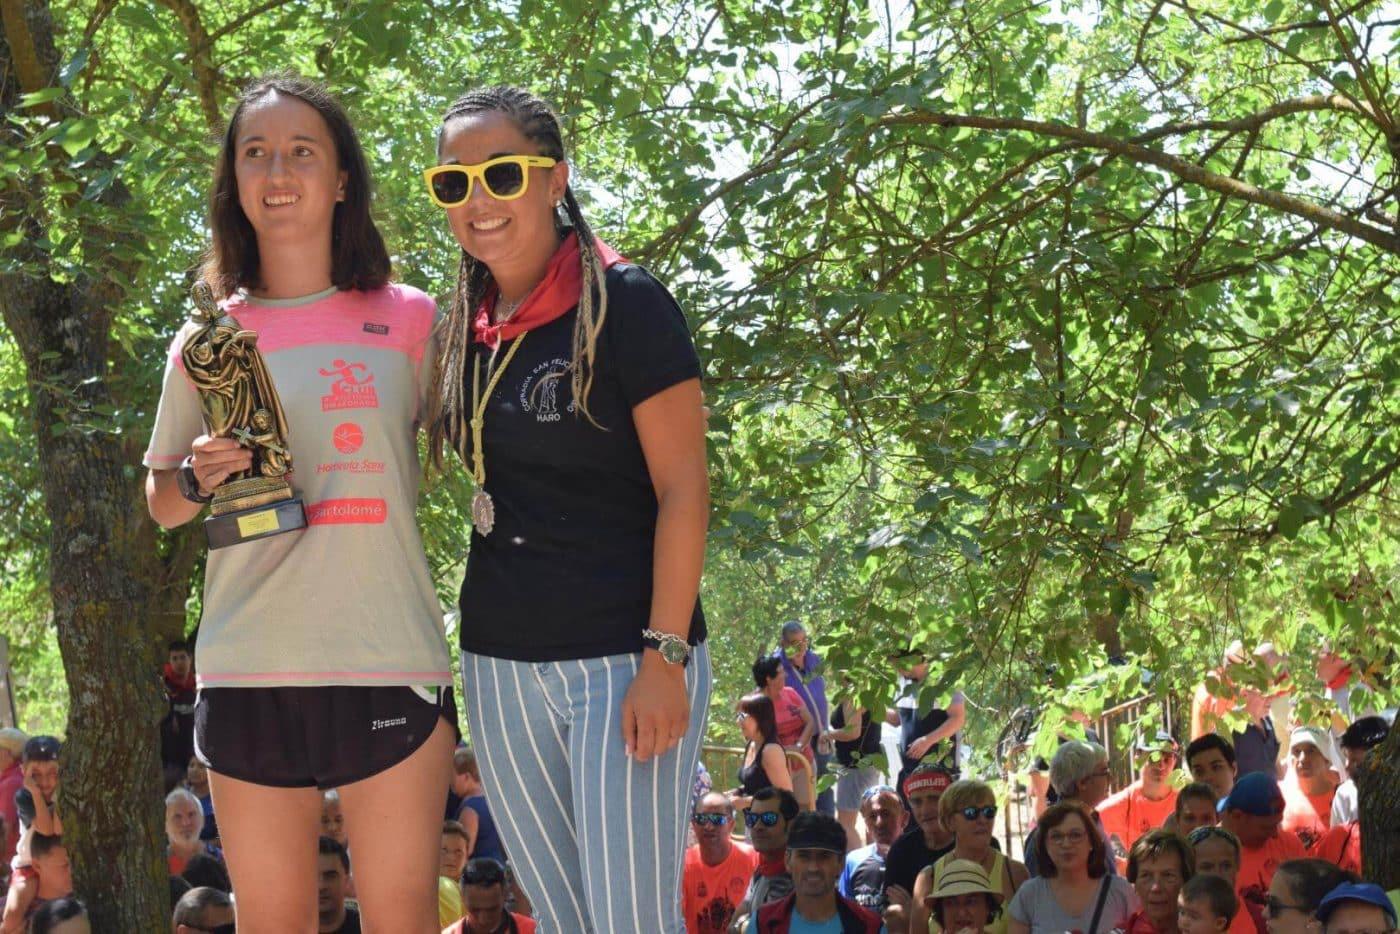 Gustavo Sánchez y Rebeca Peña, ganadores en San Felices 16